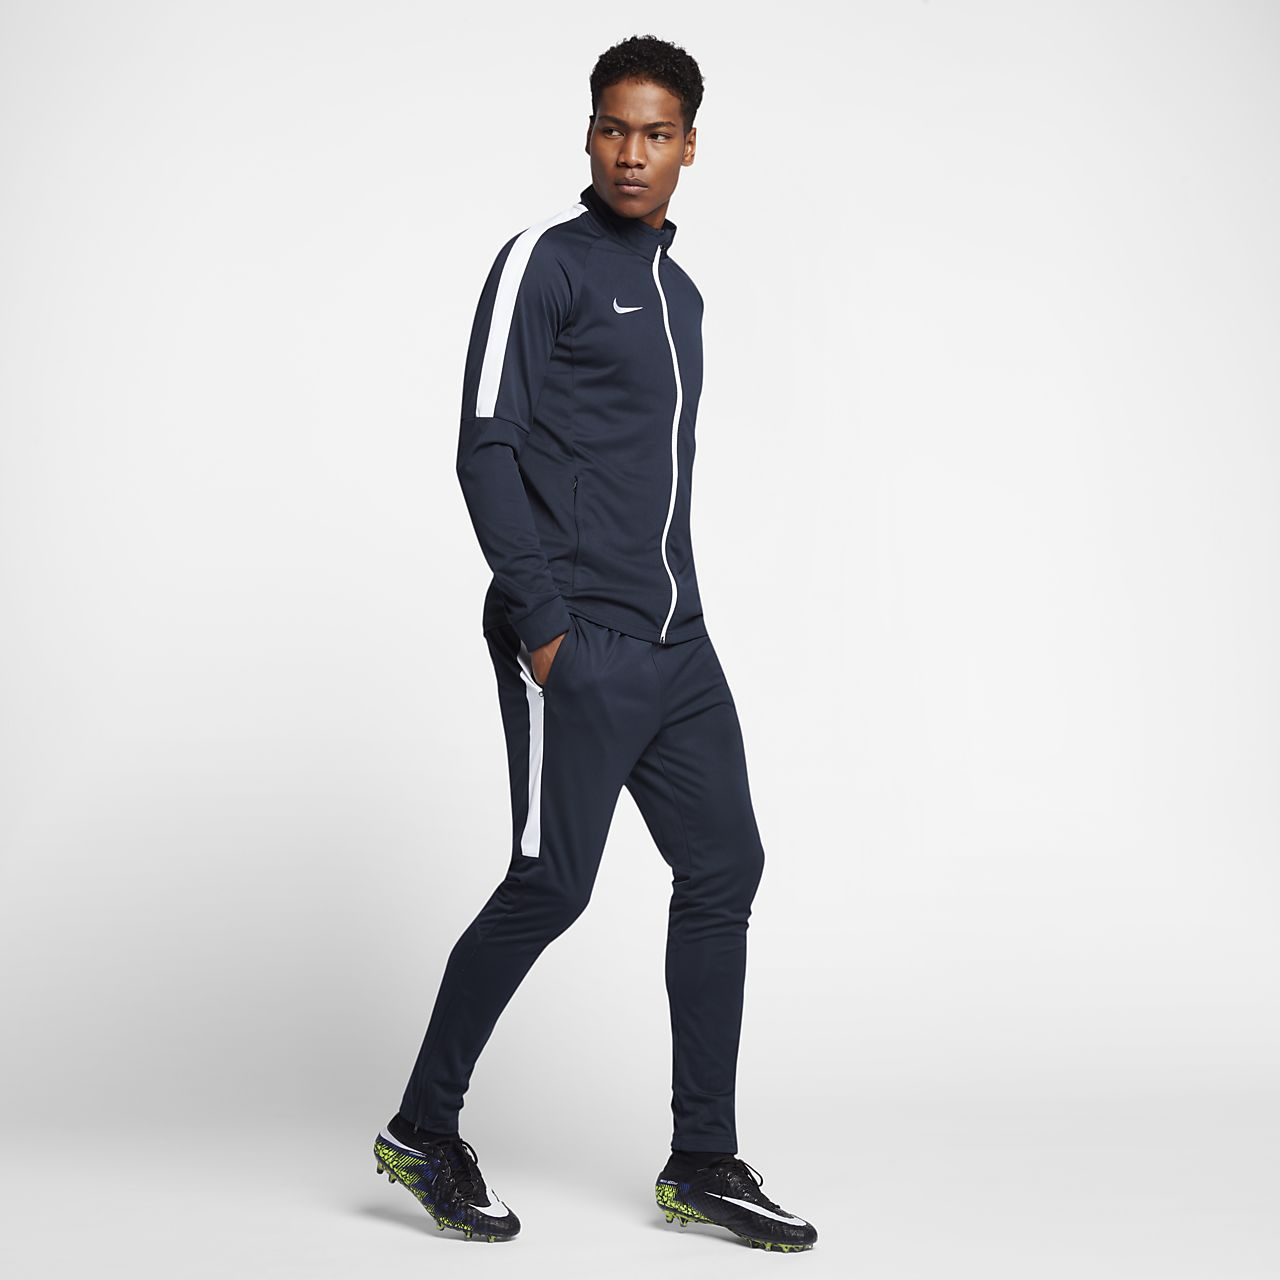 Nike Dri-FIT Men's Football Tracksuit